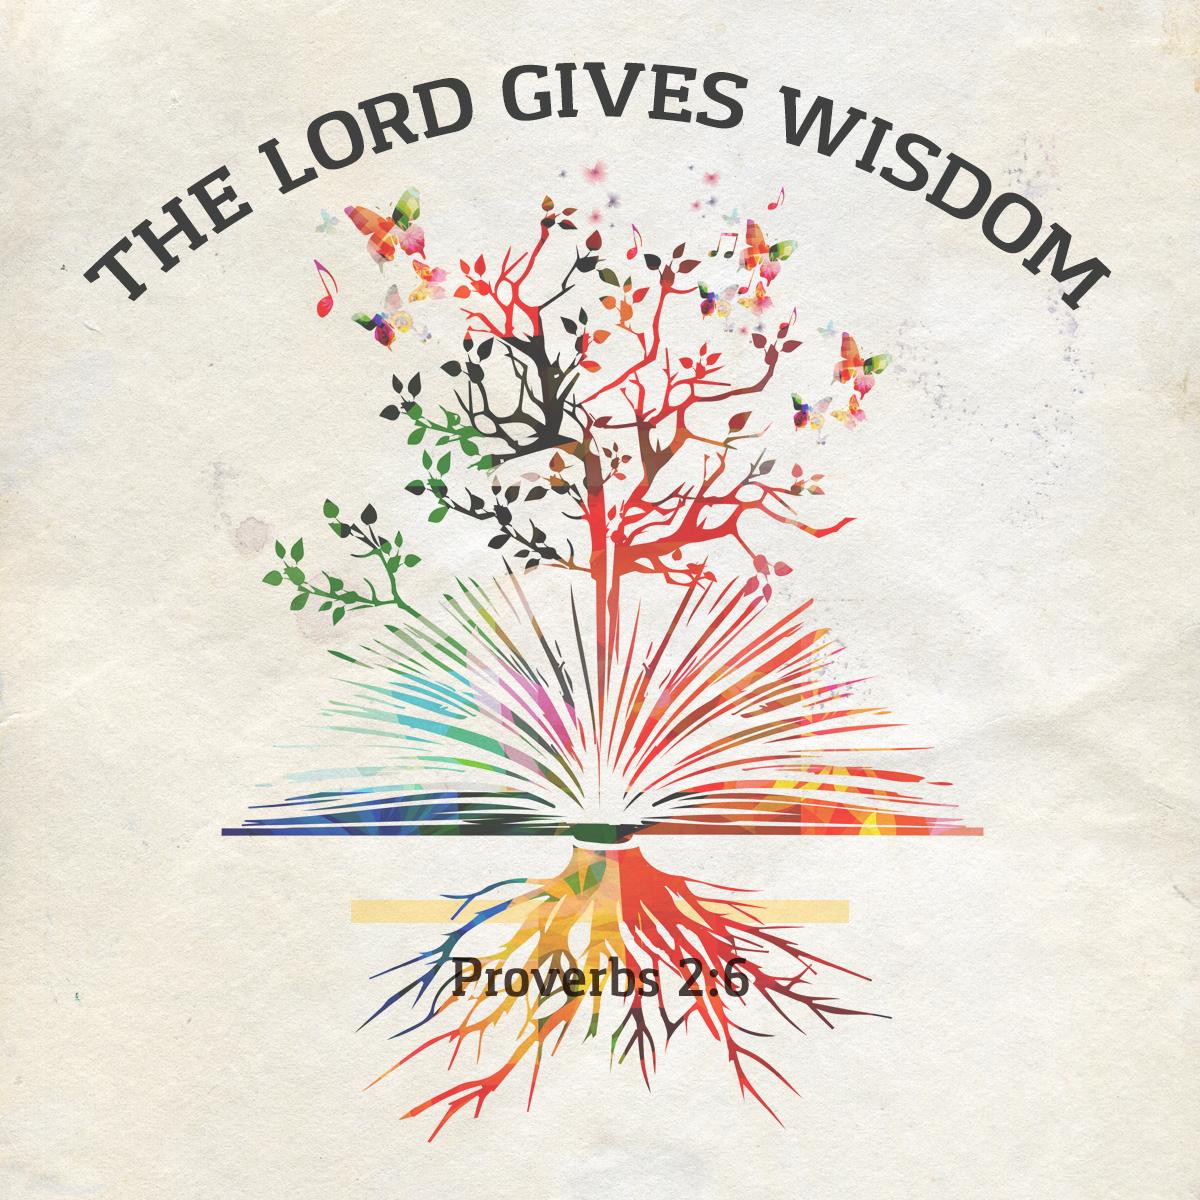 Proverbs 2:6 - Daily Verse